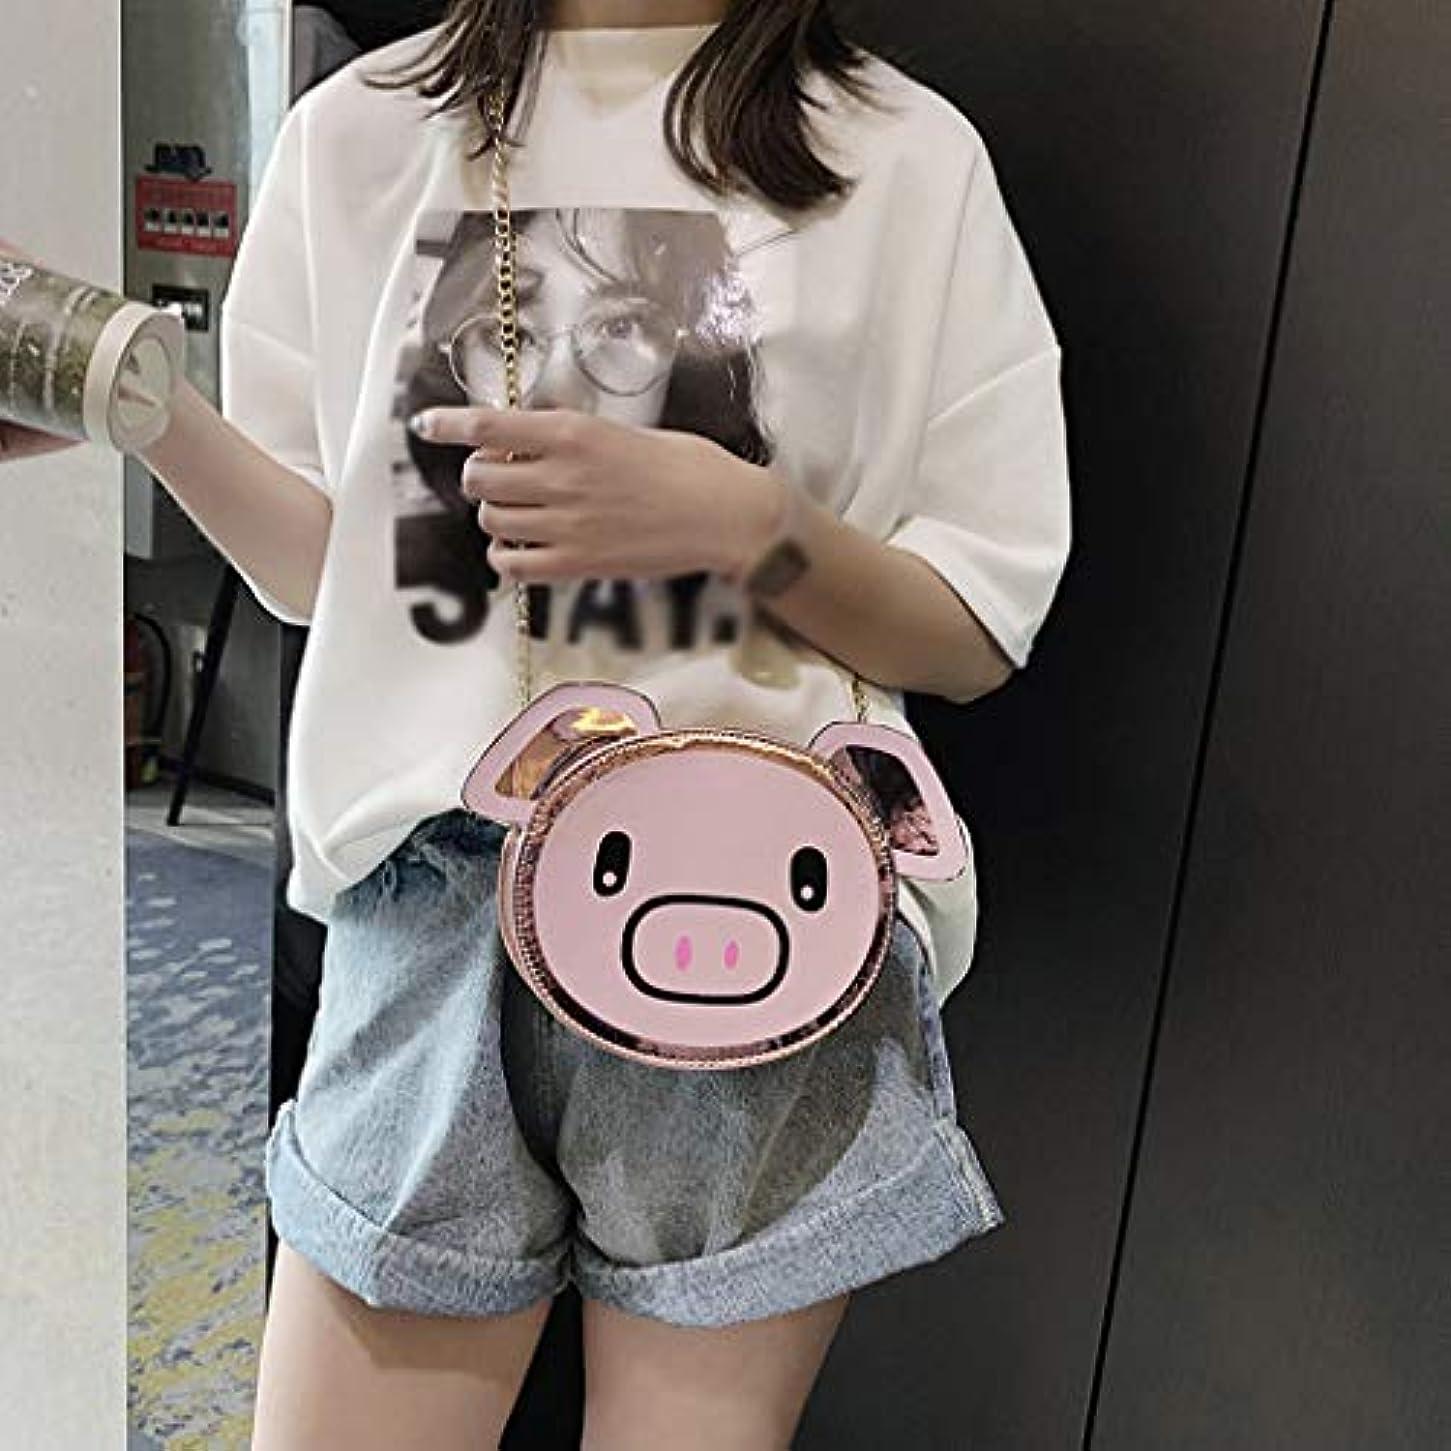 十分にクラッシュ抽象化ファッション女の子革チェーン野生のかわいい漫画豚肩メッセンジャーバッグ、女の子チェーン野生のかわいい豚肩メッセンジャーバッグ (ピンク)